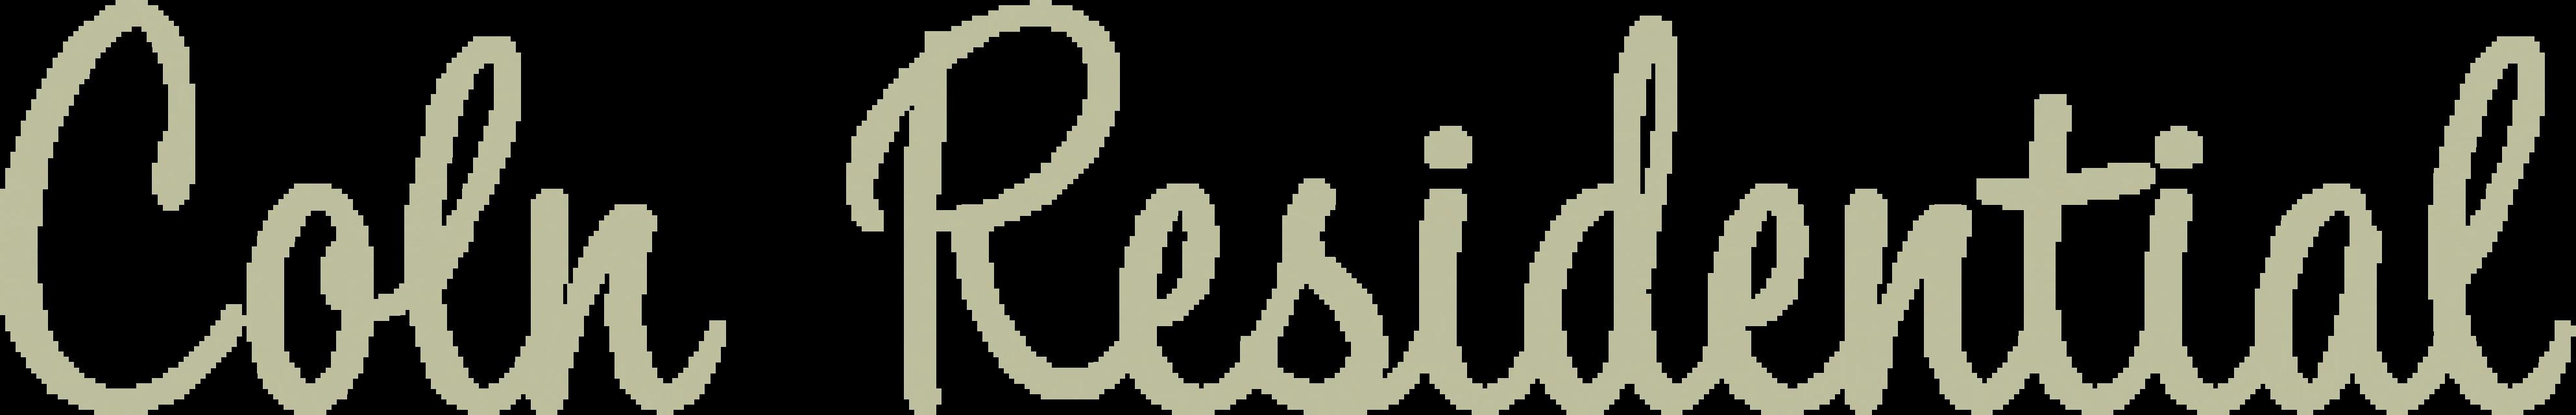 Coln Residential logo